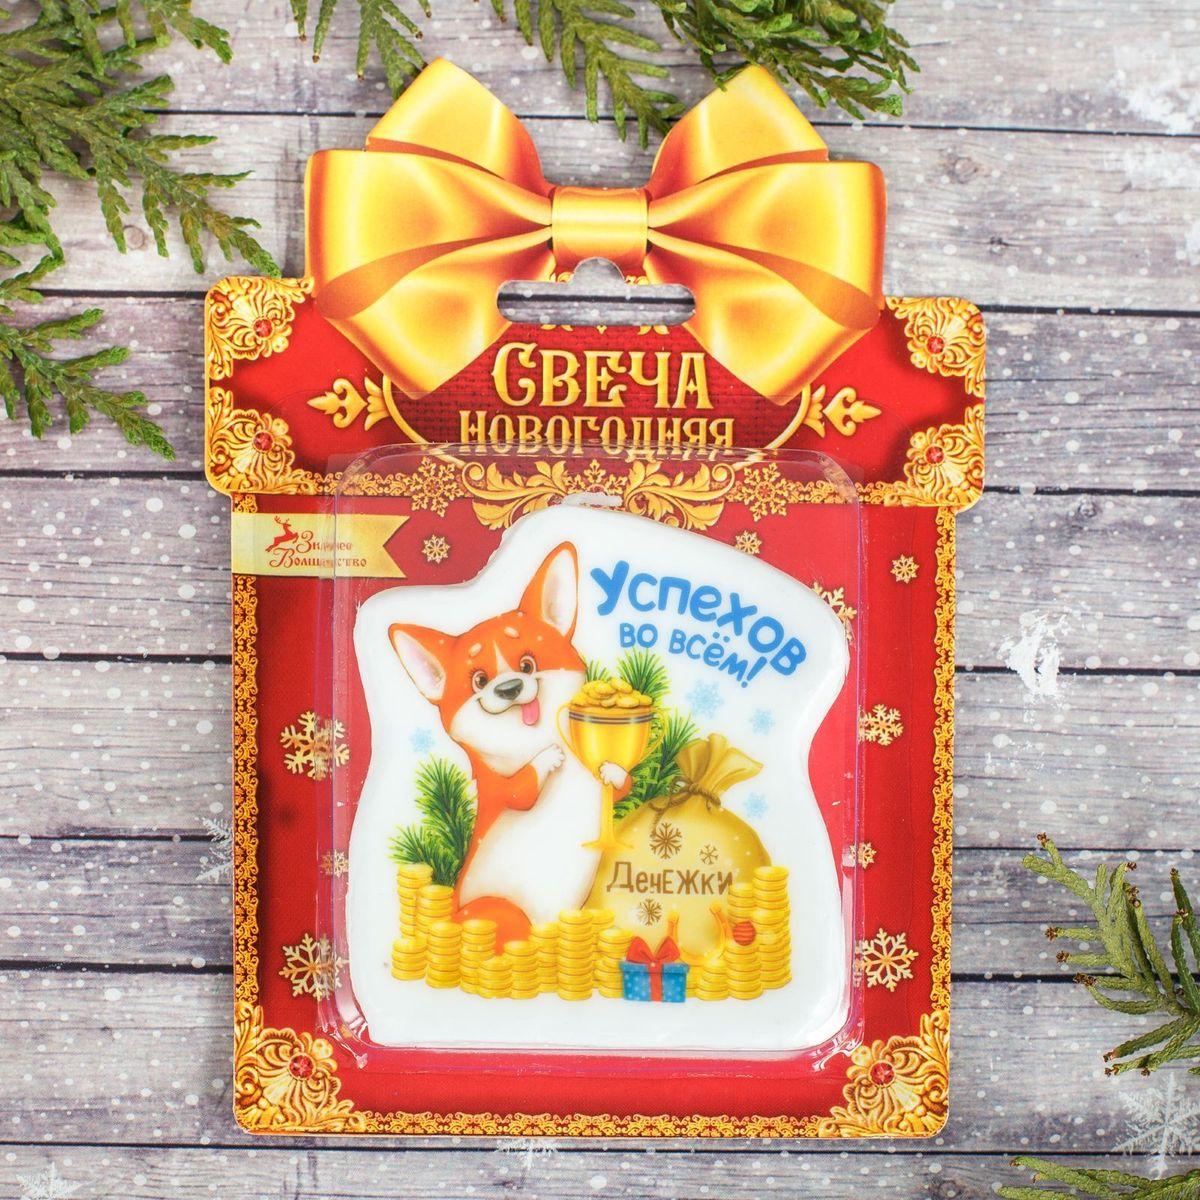 Свеча декоративная Sima-land Успехов во всем!, цвет: красный, высота 7 см sima land свеча с мишкой с днем рождения 7 4 5 х 7 см 1003758